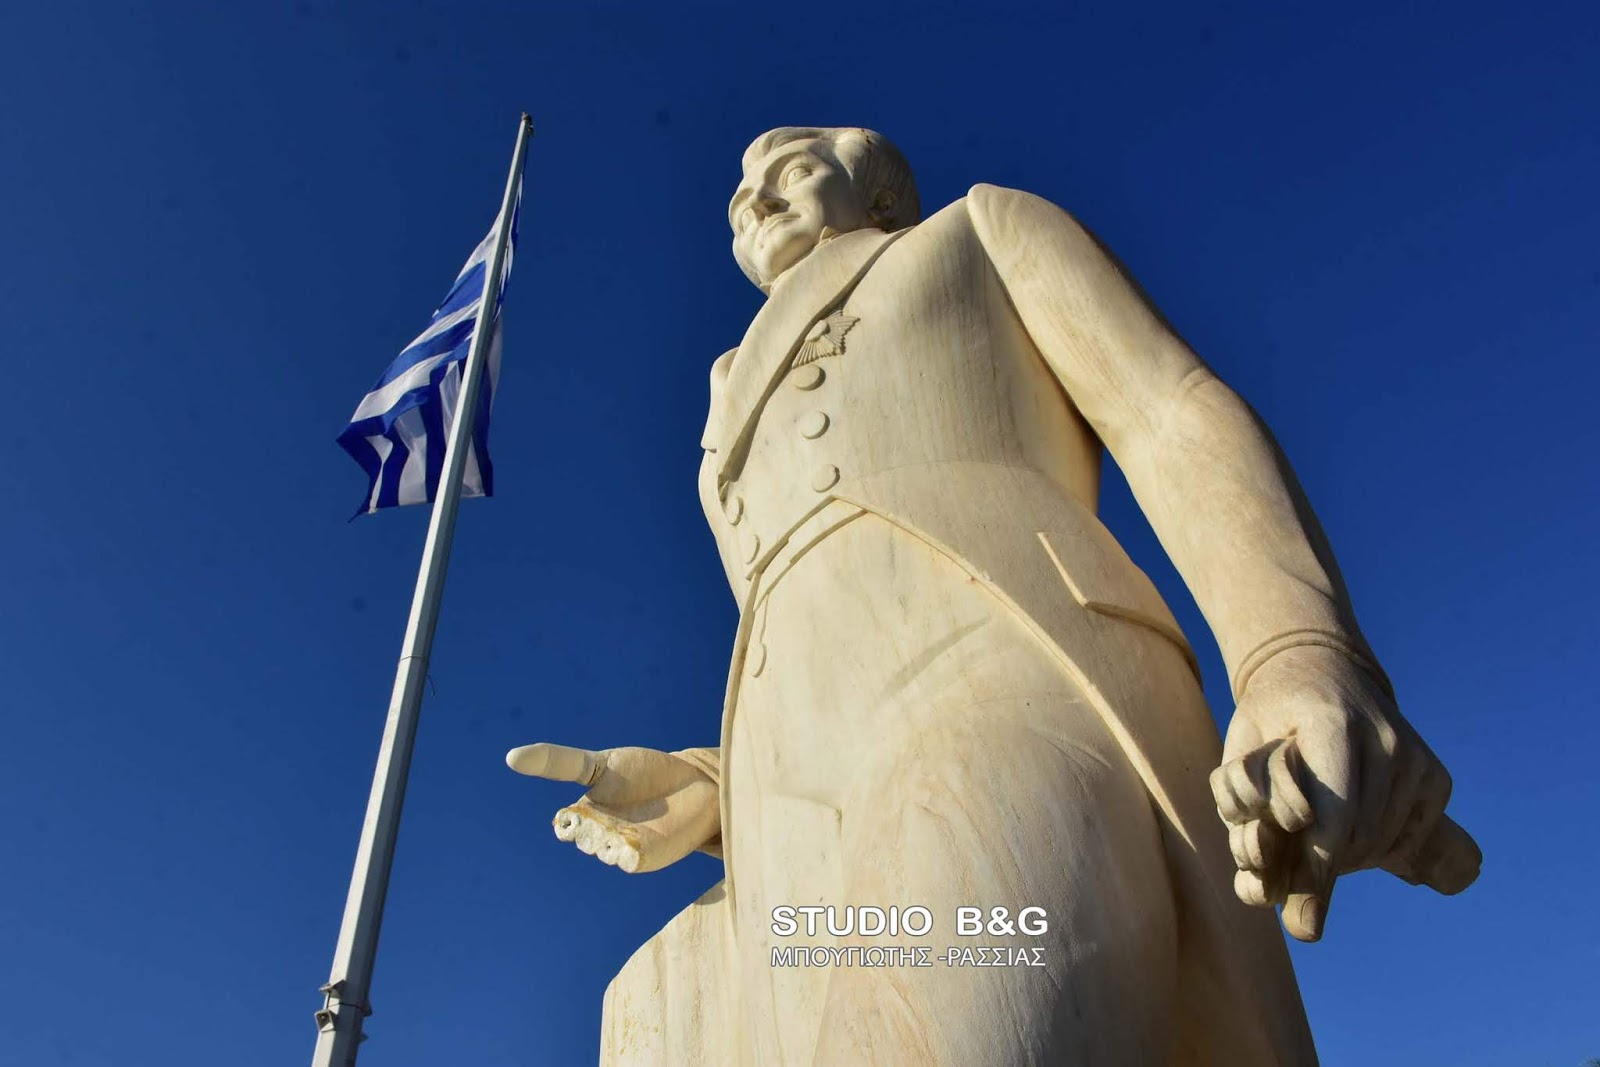 Μόνο ΑΝΘΕΛΛΗΝΕΣ θα μπορούσαν να το κάνουν! Για πολλοστή φορά ΒΑΝΔΑΛΙΣΑΝ το άγαλμα του Καποδίστρια στο Ναύπλιο